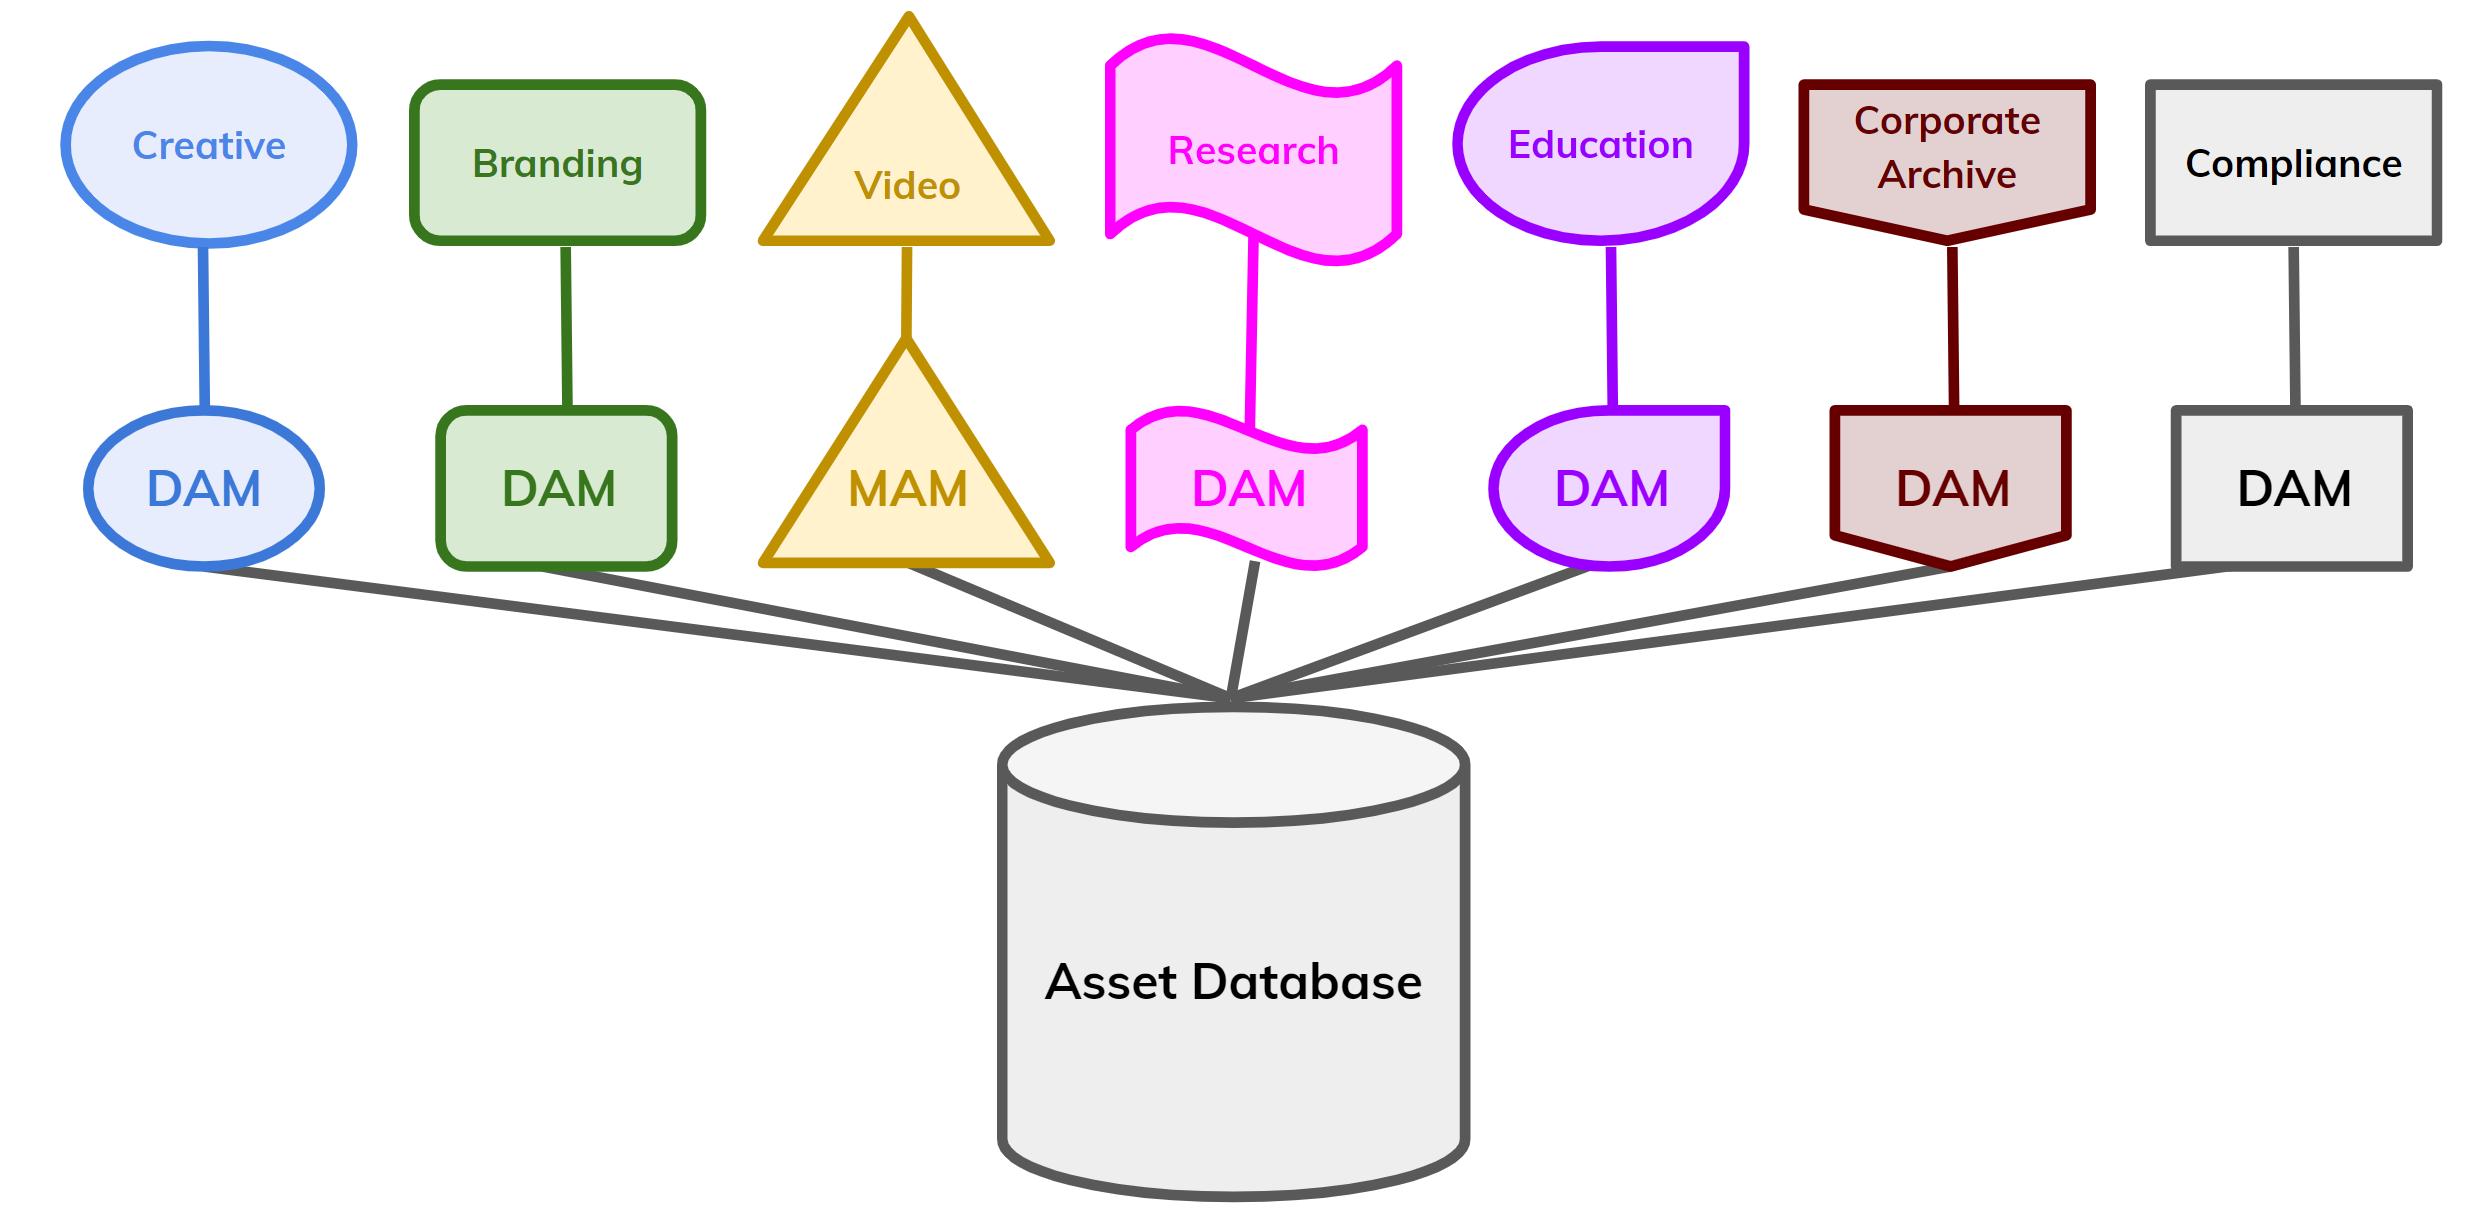 polymorphic DAM chart